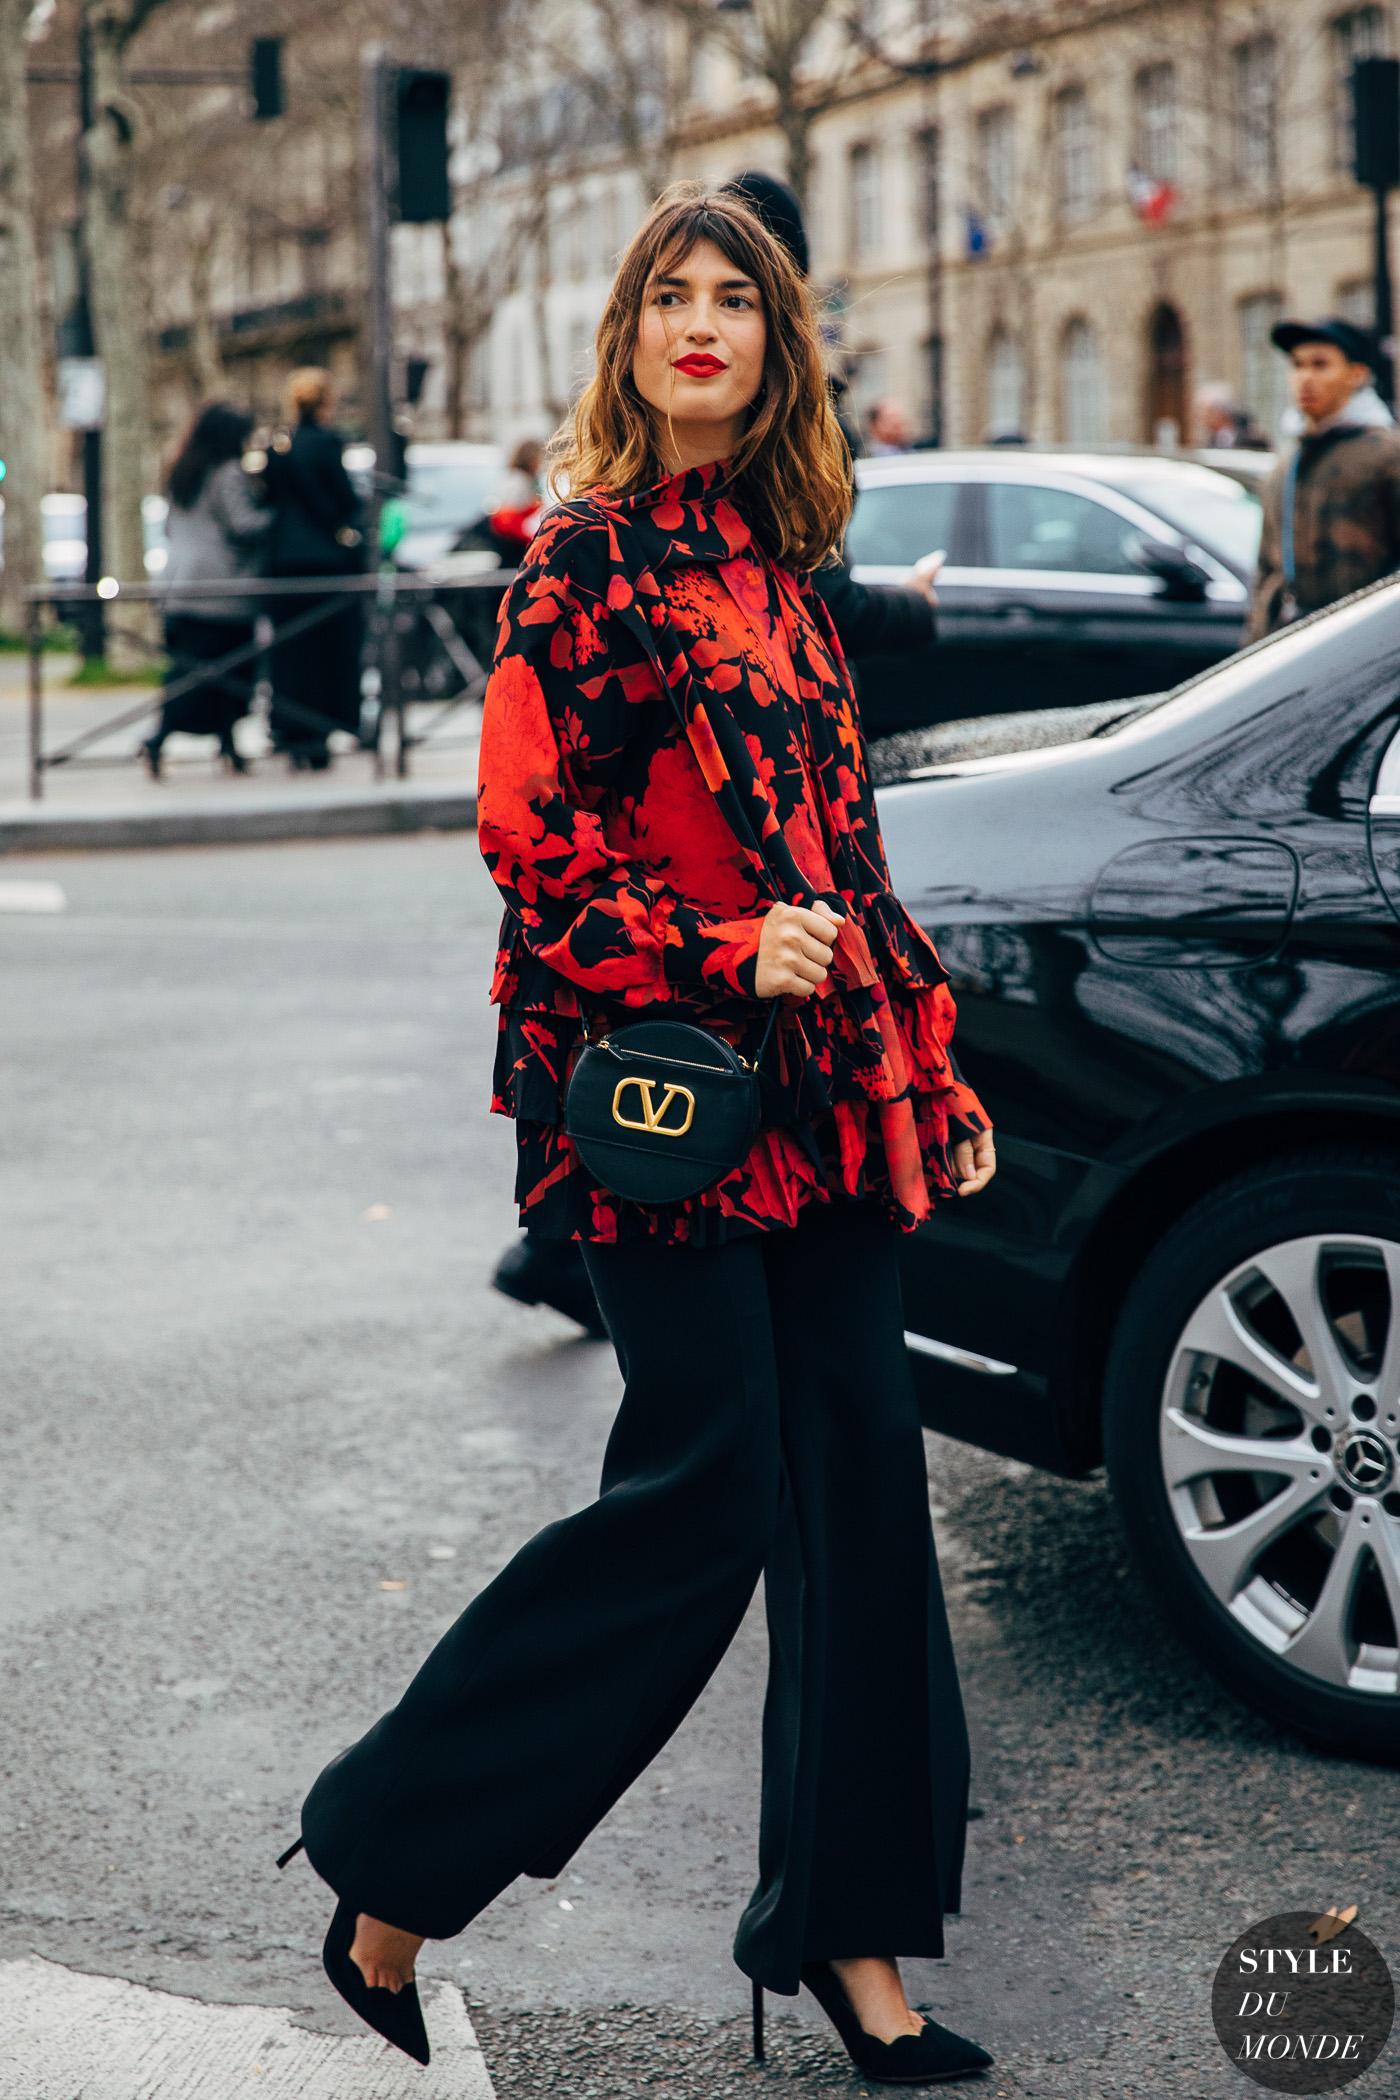 Jeanne Damas diện áo blouse họa tiết hoa đỏ cùng quần cullote đen, giày cao gót và túi xách hình học cùng tông